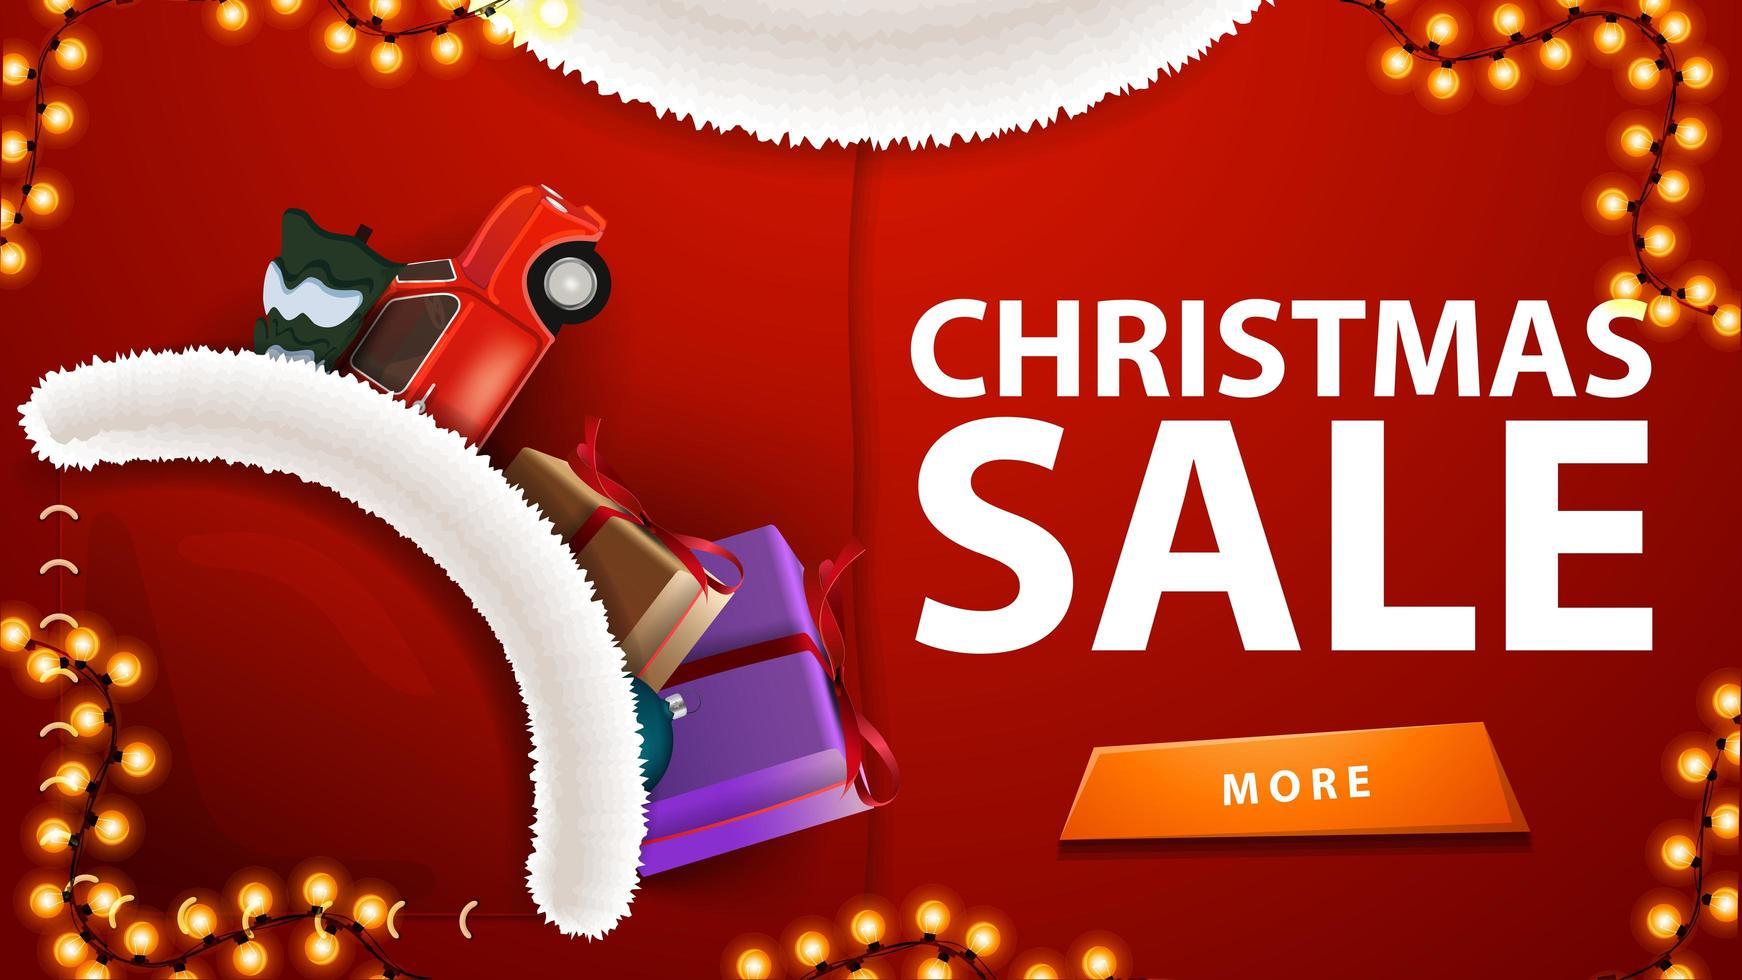 Venta de Navidad, banner de descuento rojo en forma de traje de Papá Noel con coche rojo de época con árbol de Navidad en el bolsillo vector